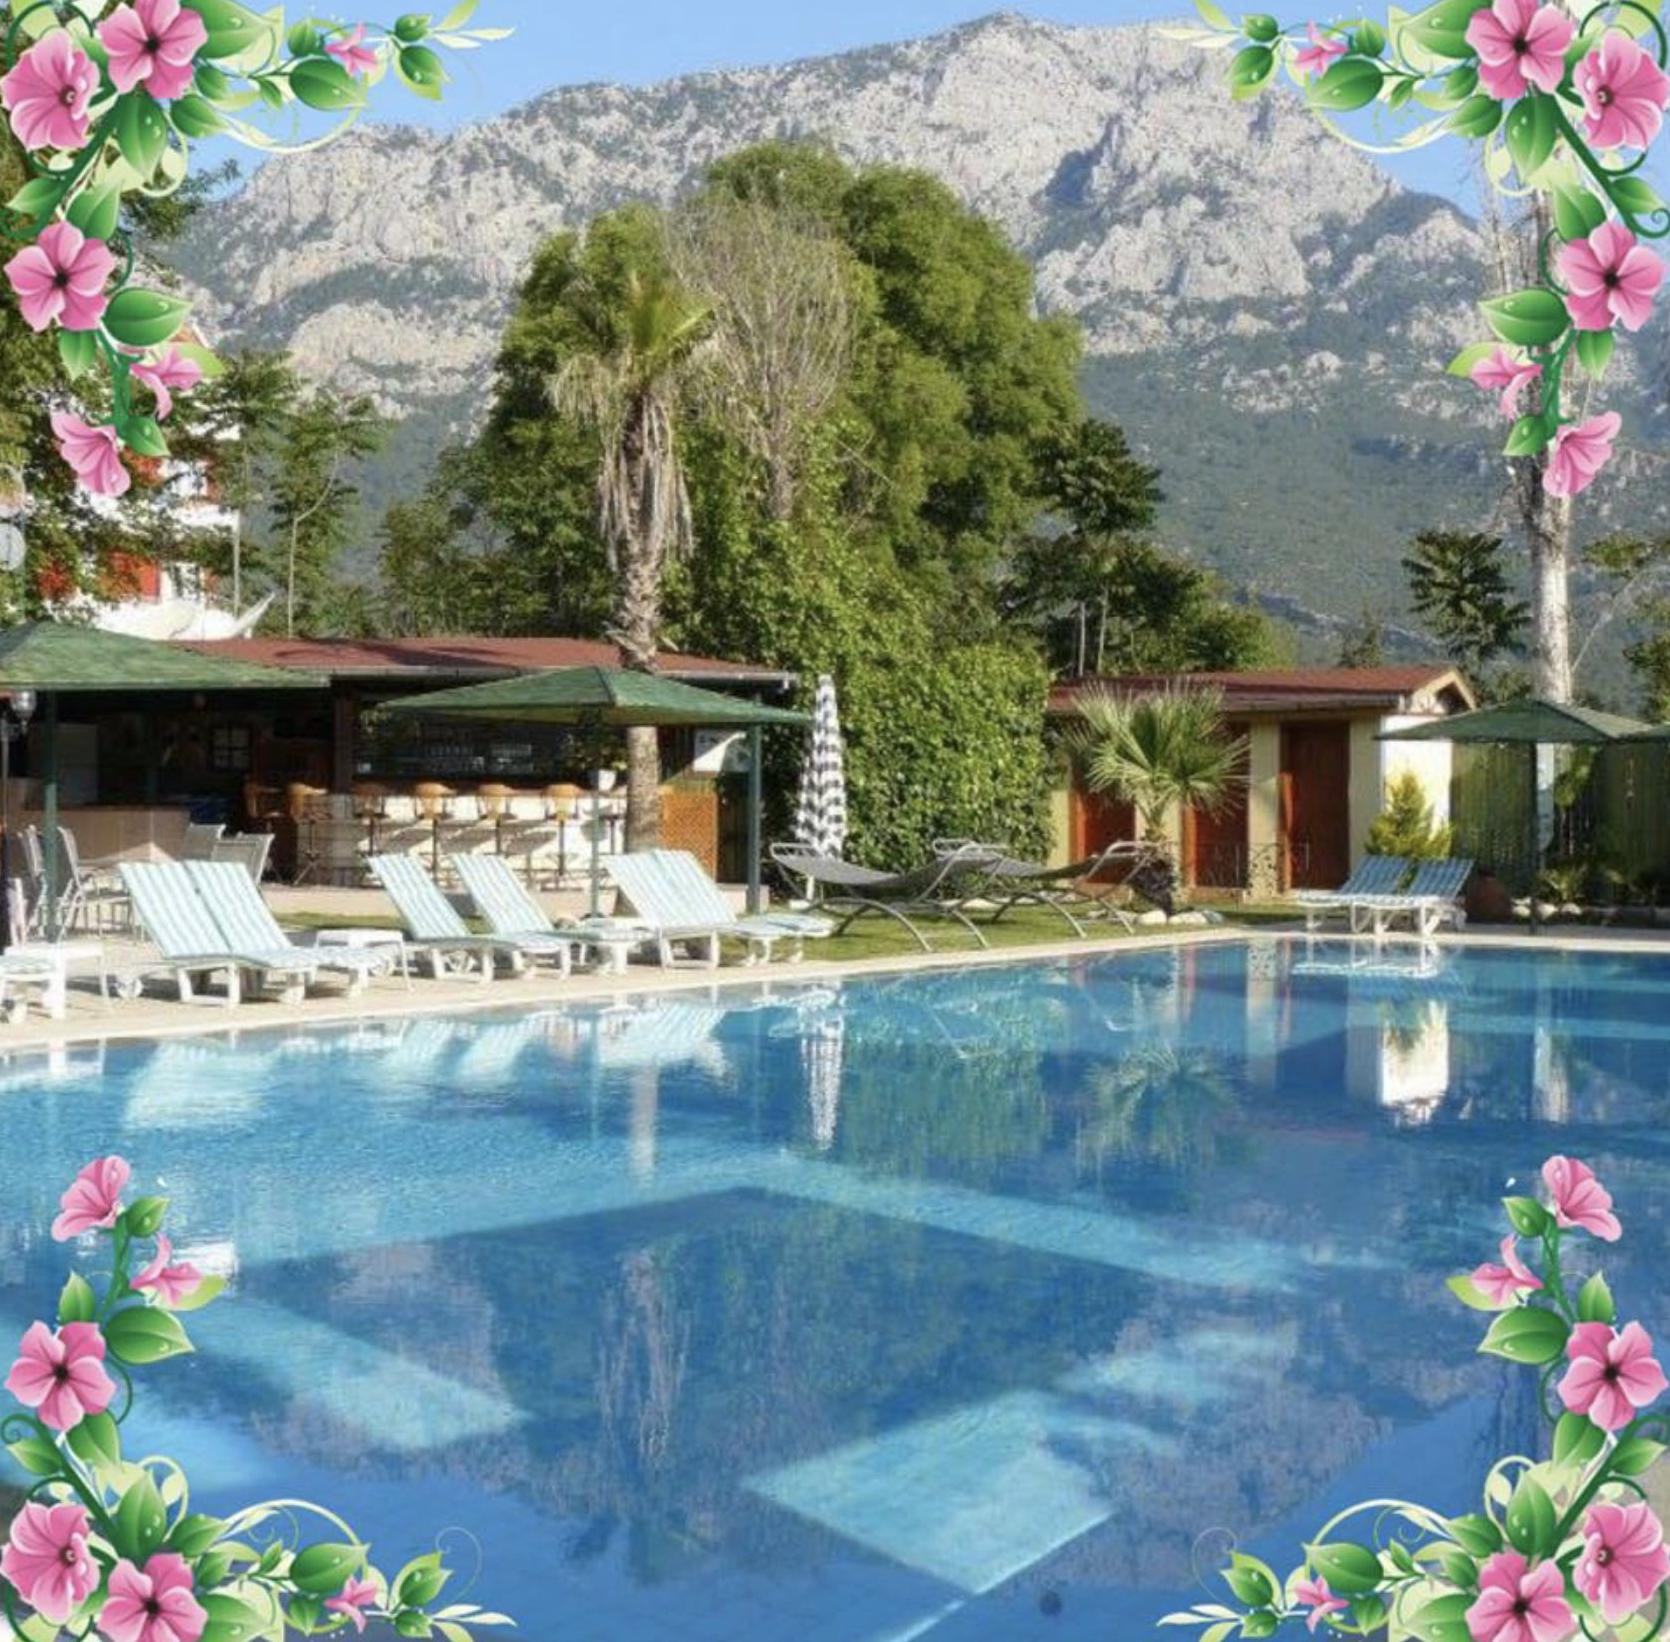 Dieses zauberhafte Hotel Erendiz Garten Hotel befindet sich in Kemer. Foto: Ellen Erendiz